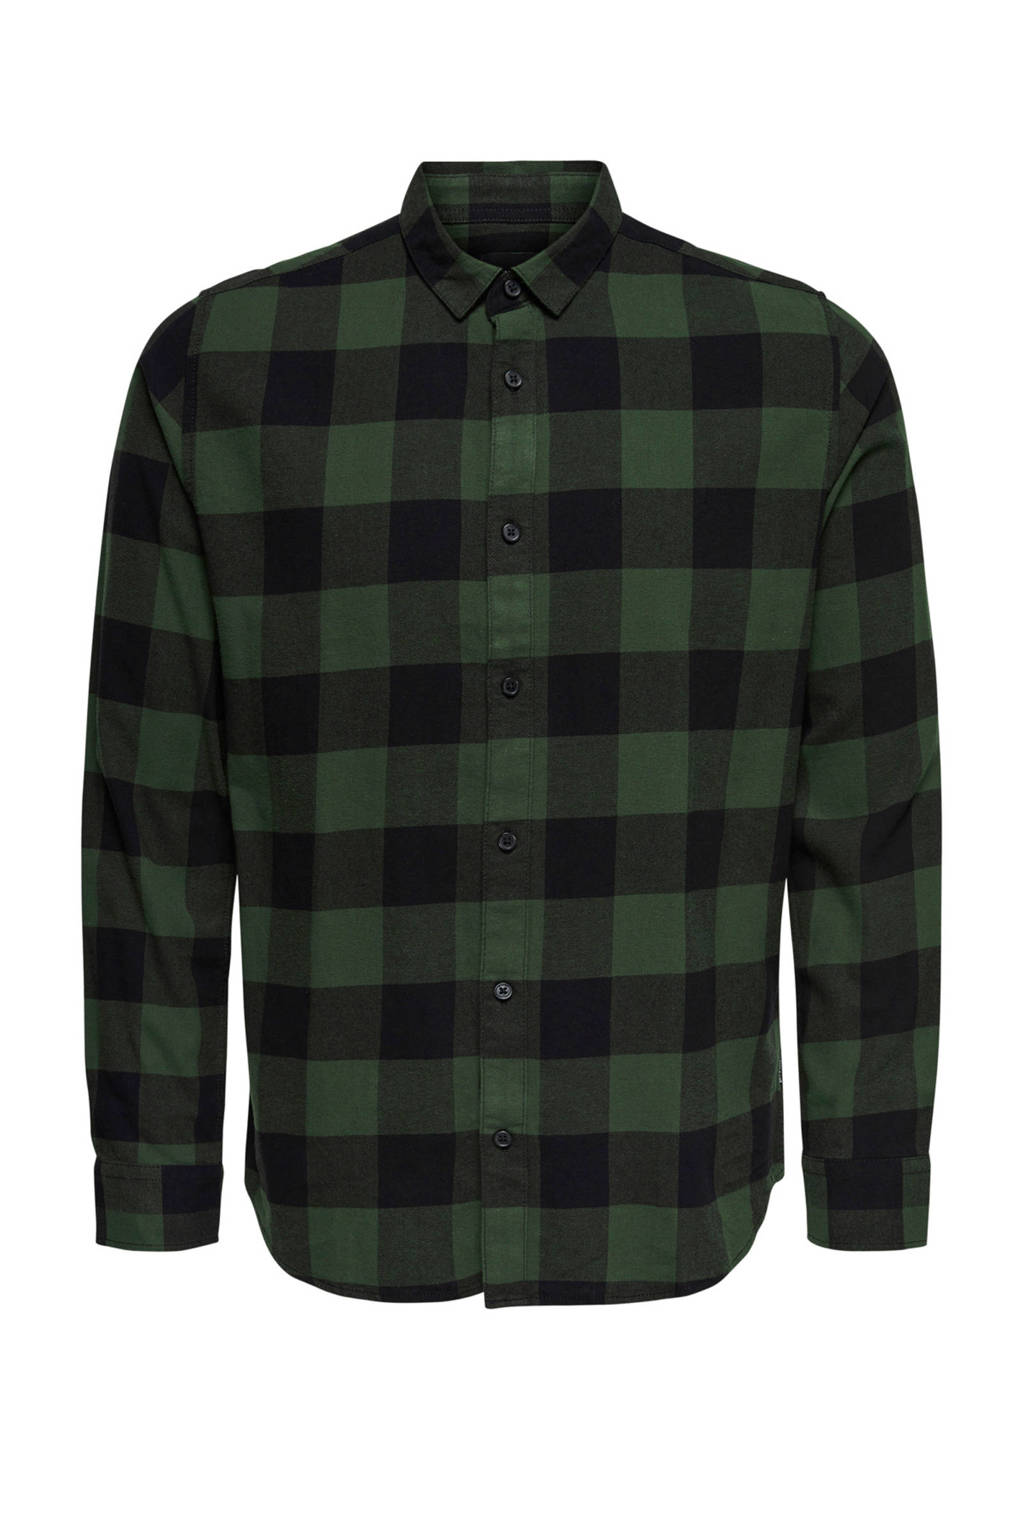 ONLY & SONS PLUS geruit regular fit overhemd donkergroen/zwart, Donkergroen/zwart